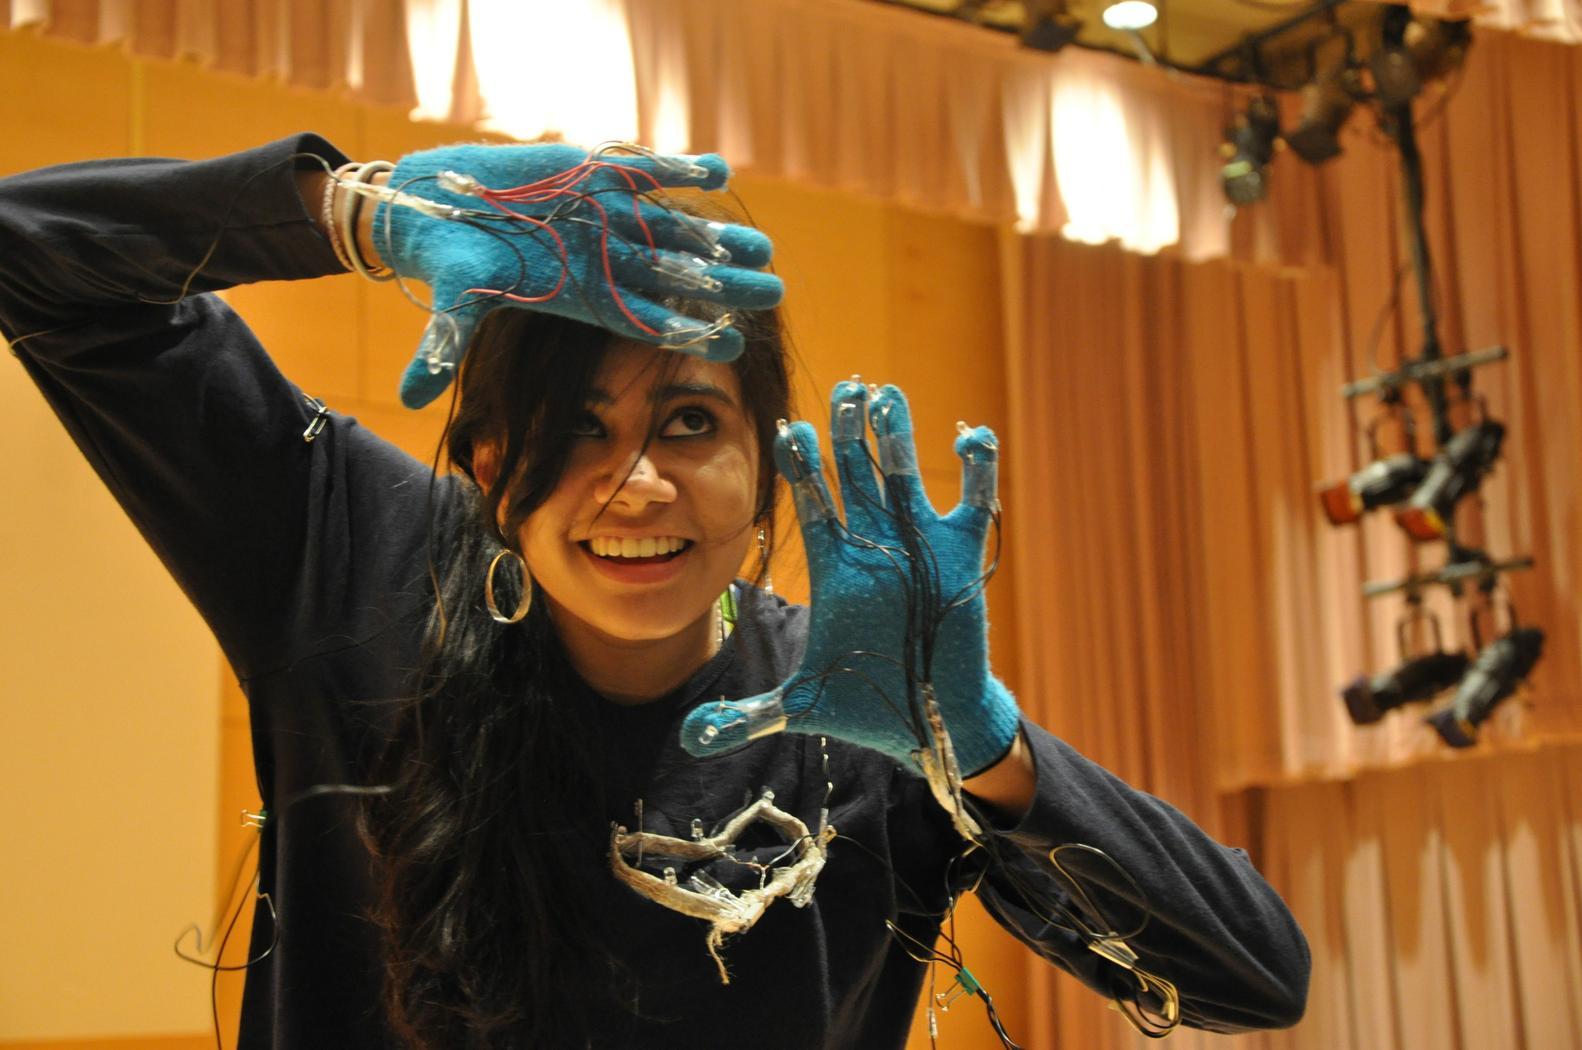 Alisha Vimawala